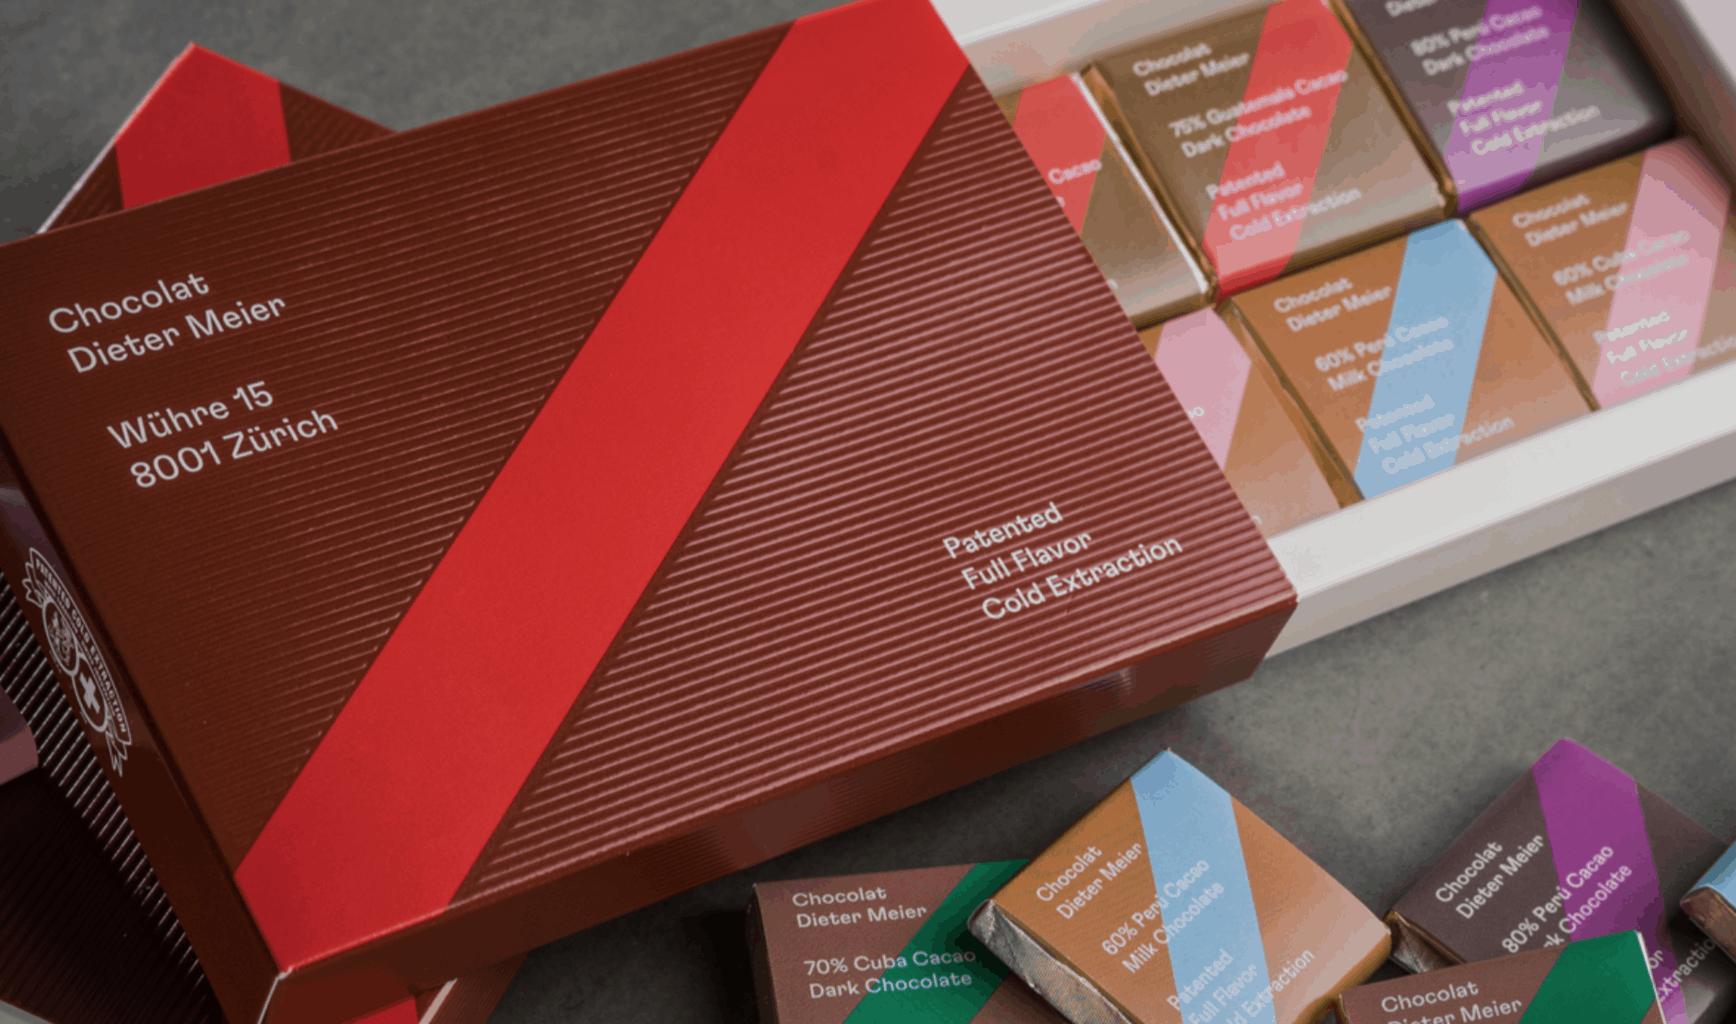 Dieter Meier Chocolate Zurich